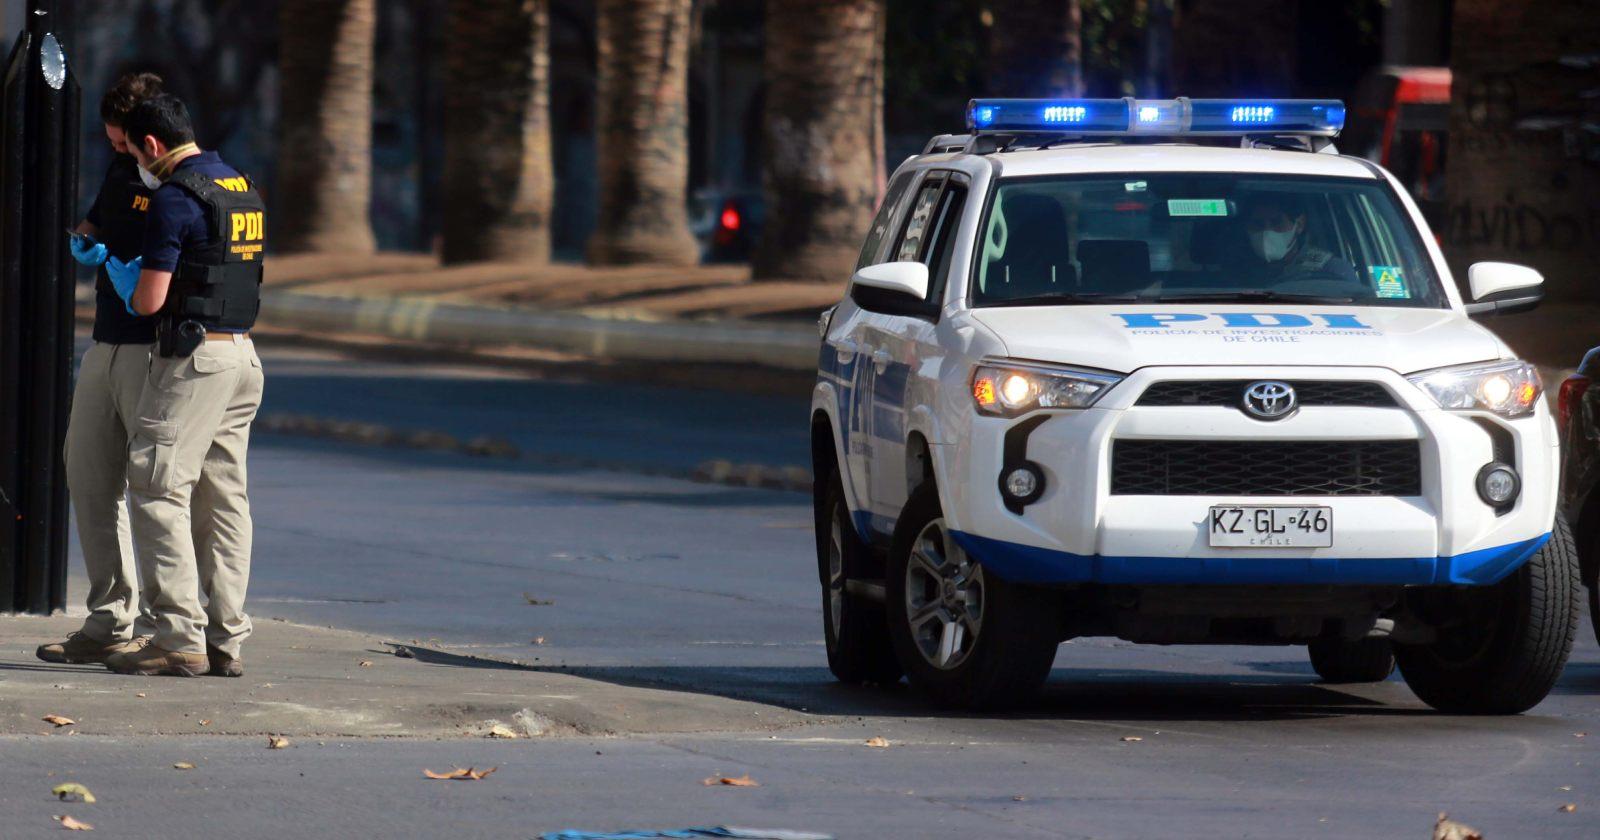 Se registraron más de 100 disparos: violenta balacera en La Florida dejó a dos funcionarios de la PDI heridos